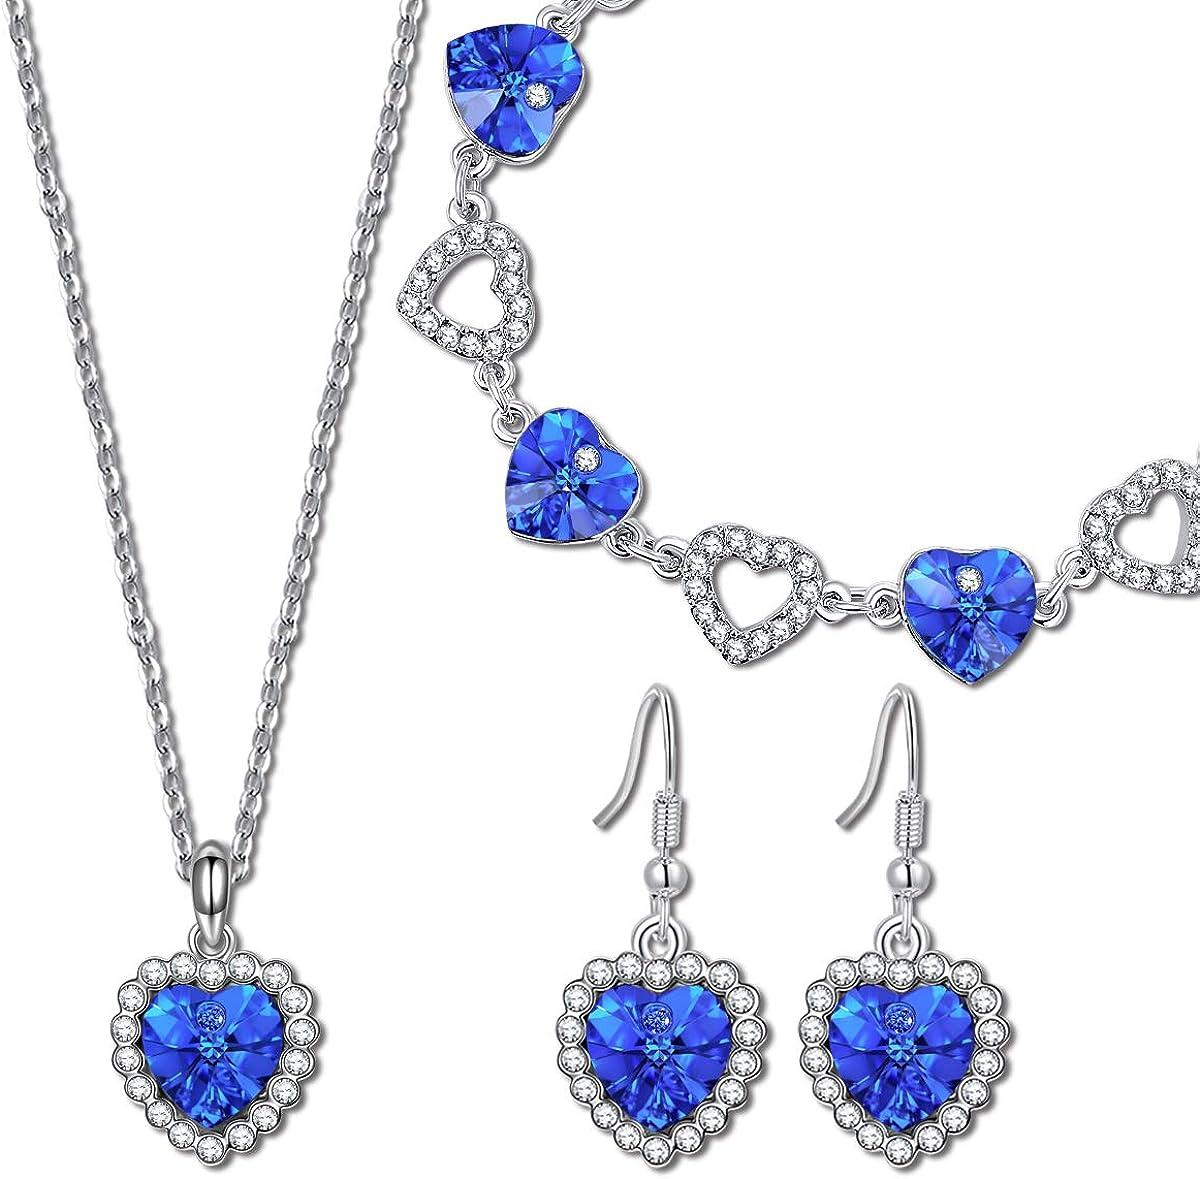 Kami Idea Conjunto de Joyería, Collar y Pulsera y Aretes, Amor Azul, Cristal Azul de Swarovski, Embalaje de Regalo, Regalos para Mamá